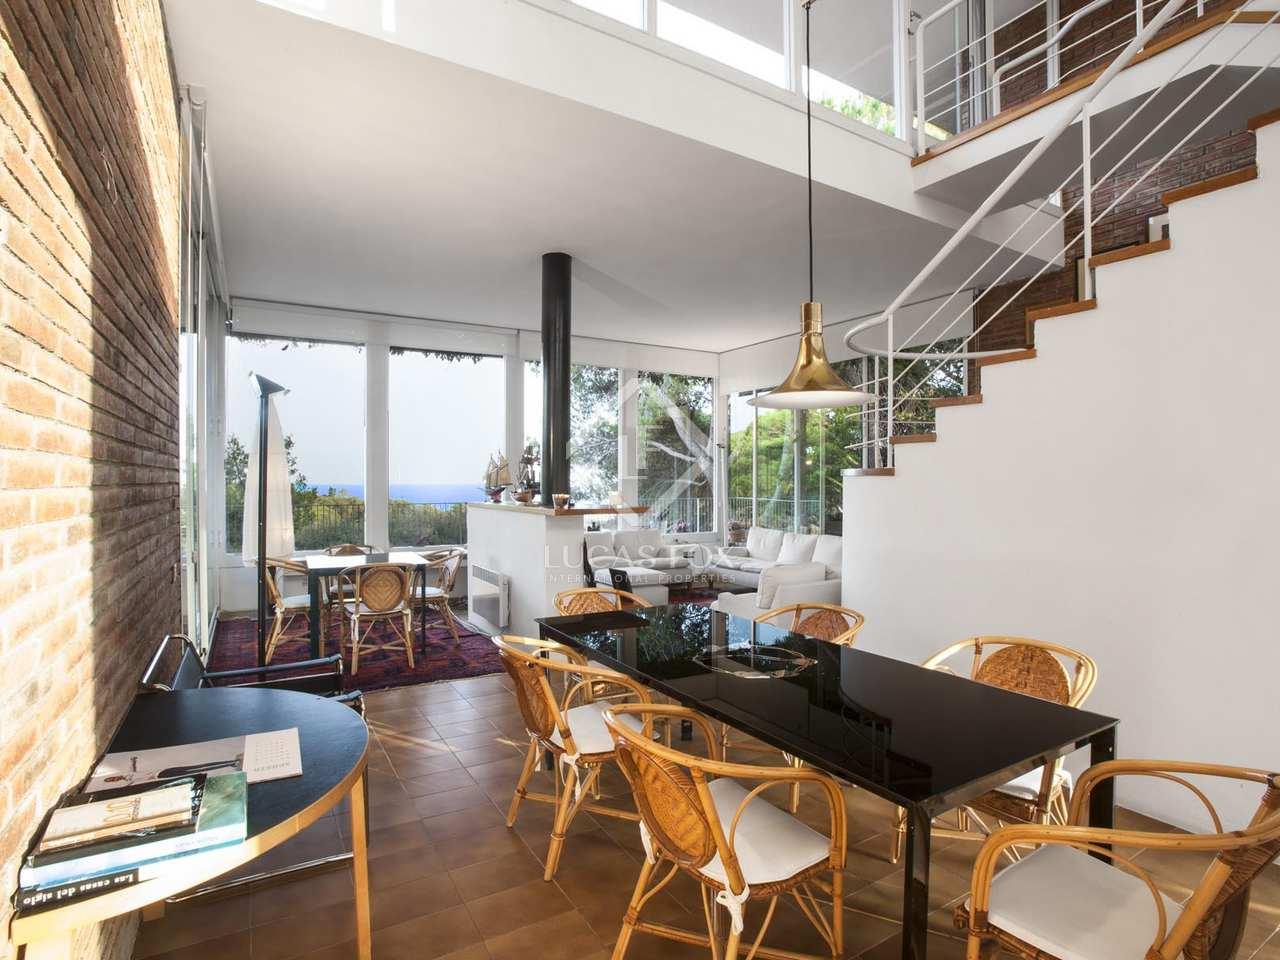 Casa de 5 dormitorios en venta en cabrera de mar - Piscina cabrera de mar ...